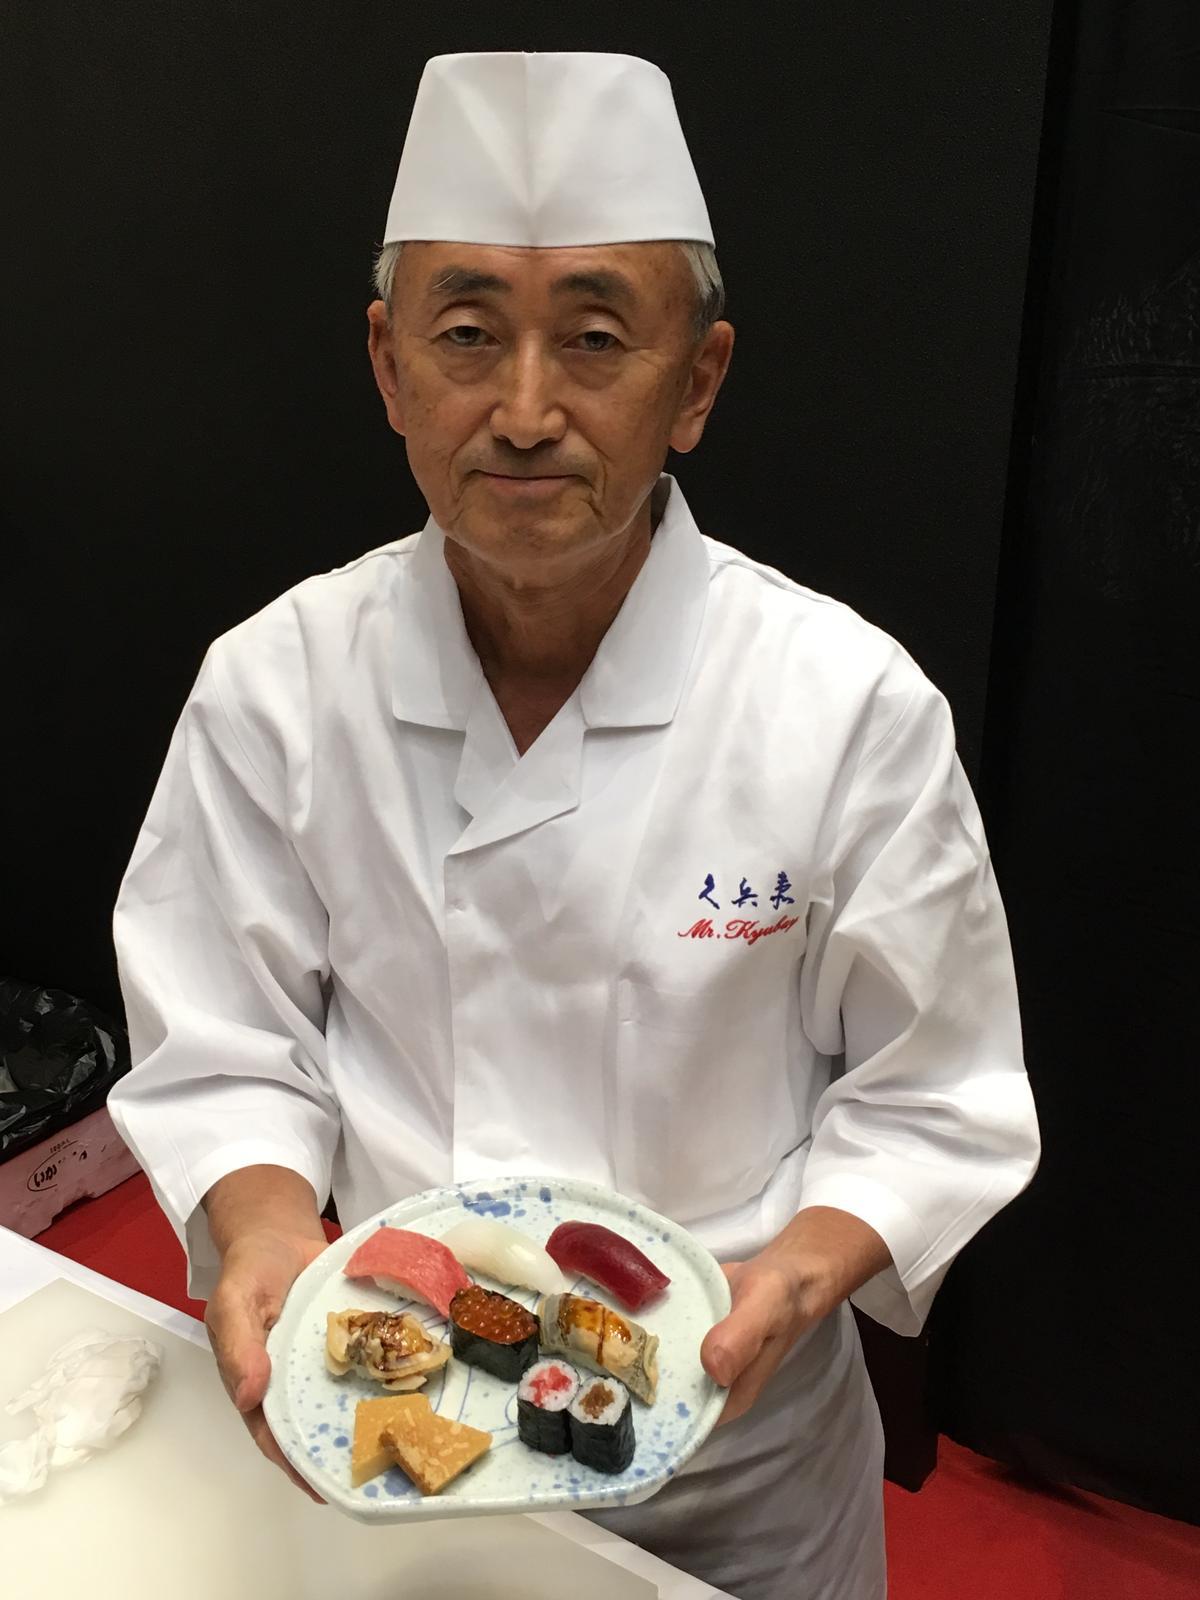 由53年資歷的店主今田洋輔坐鎮指揮。